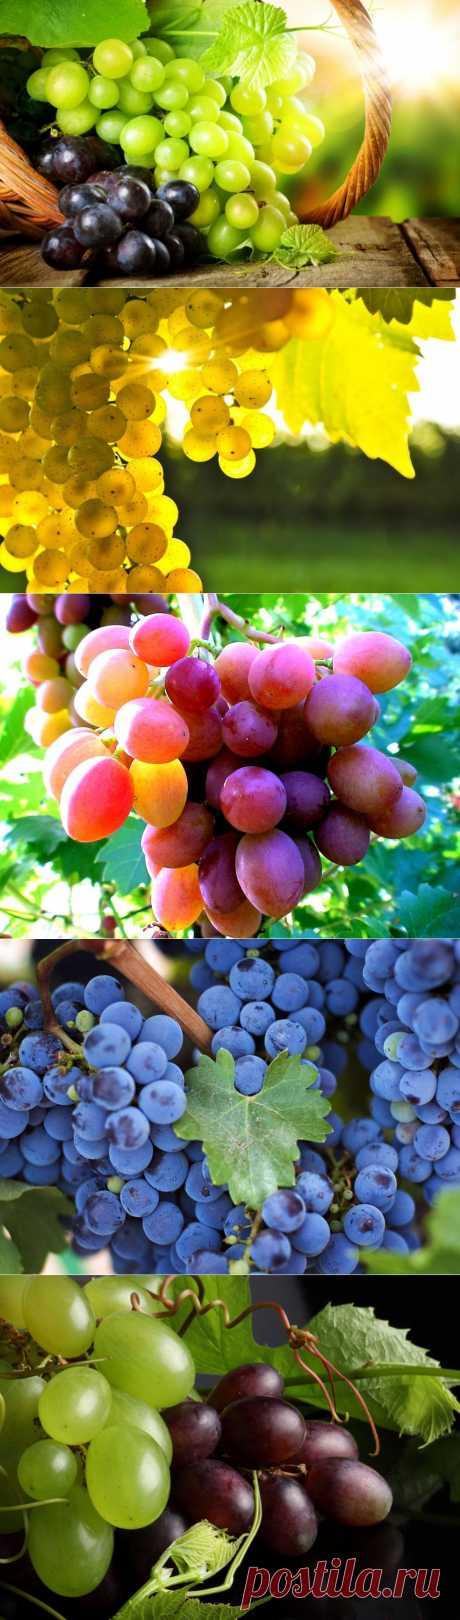 Интересные факты о винограде.